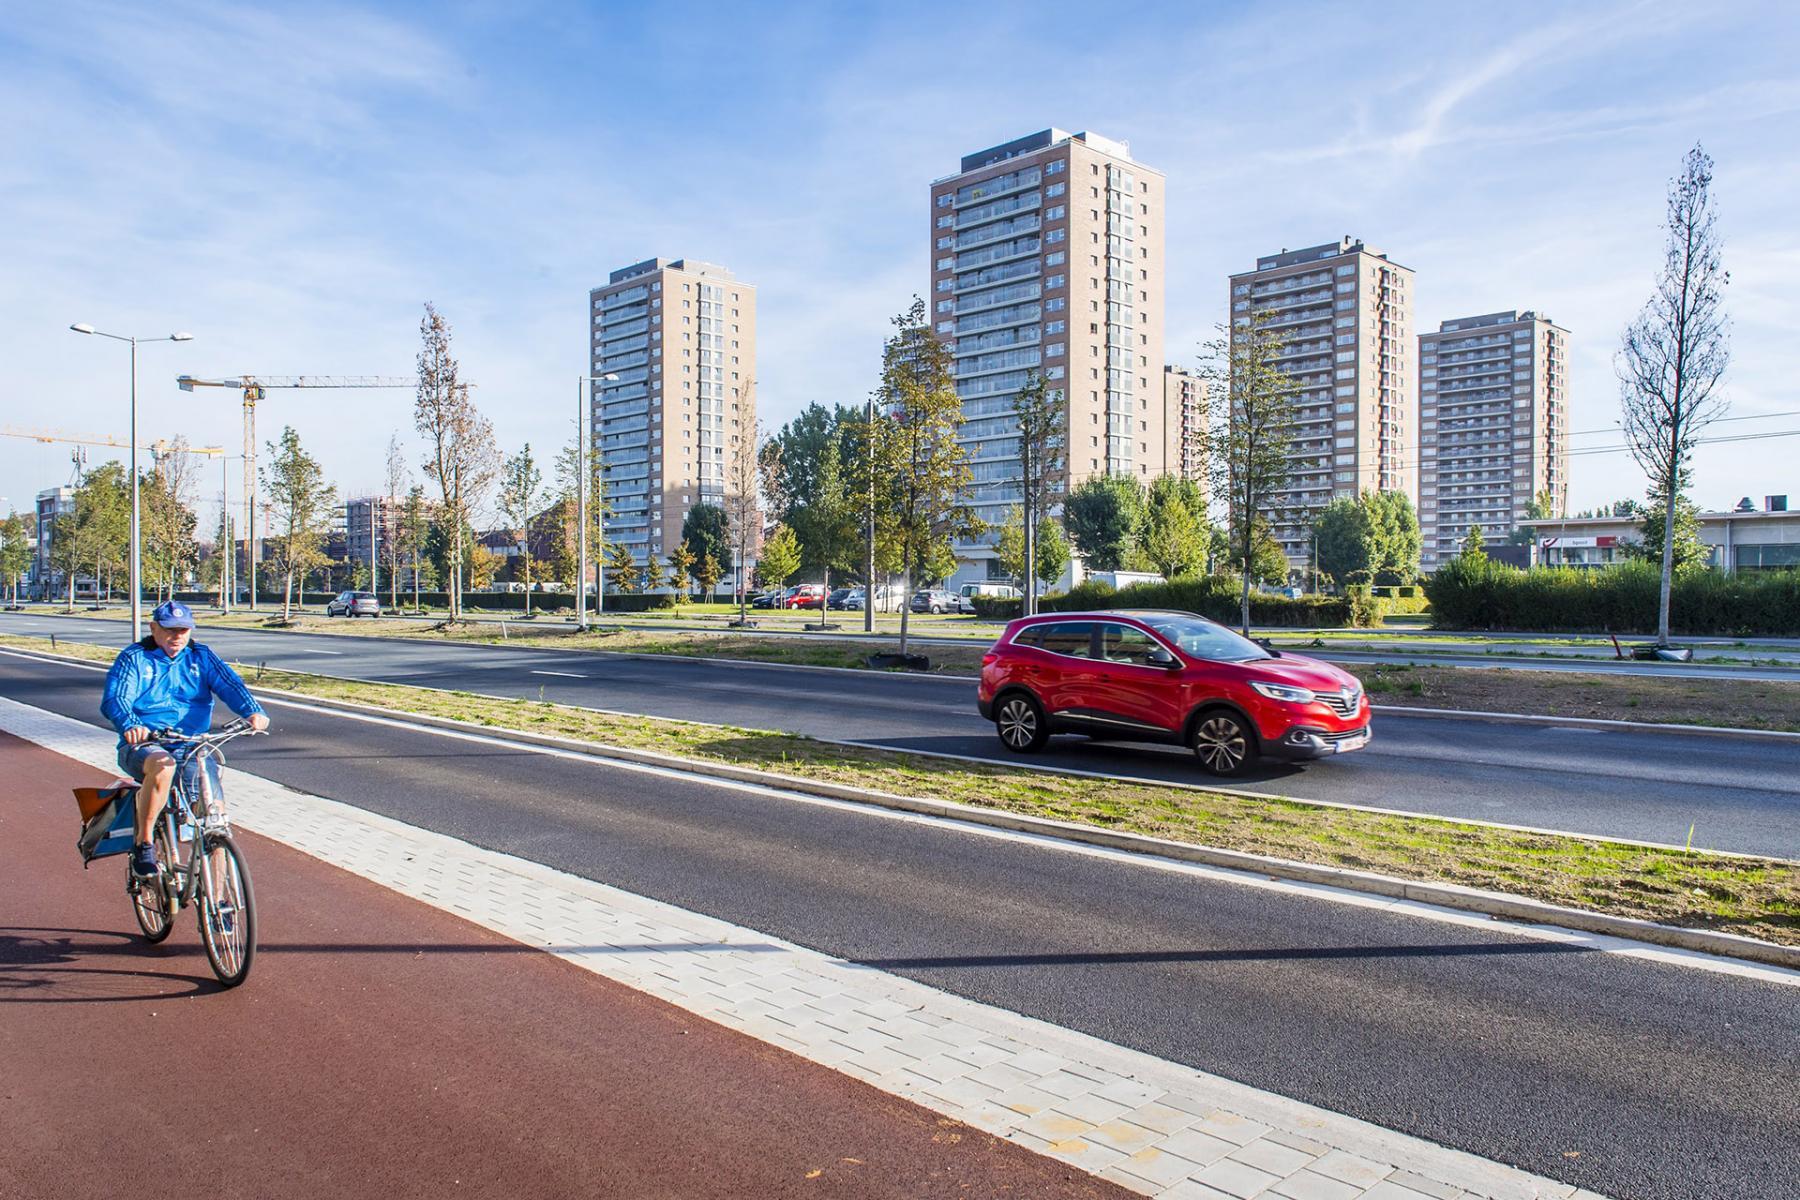 fietser op fietspad van nieuwe Noorderlaan met rode auto en hoogblokken op de achtergrond